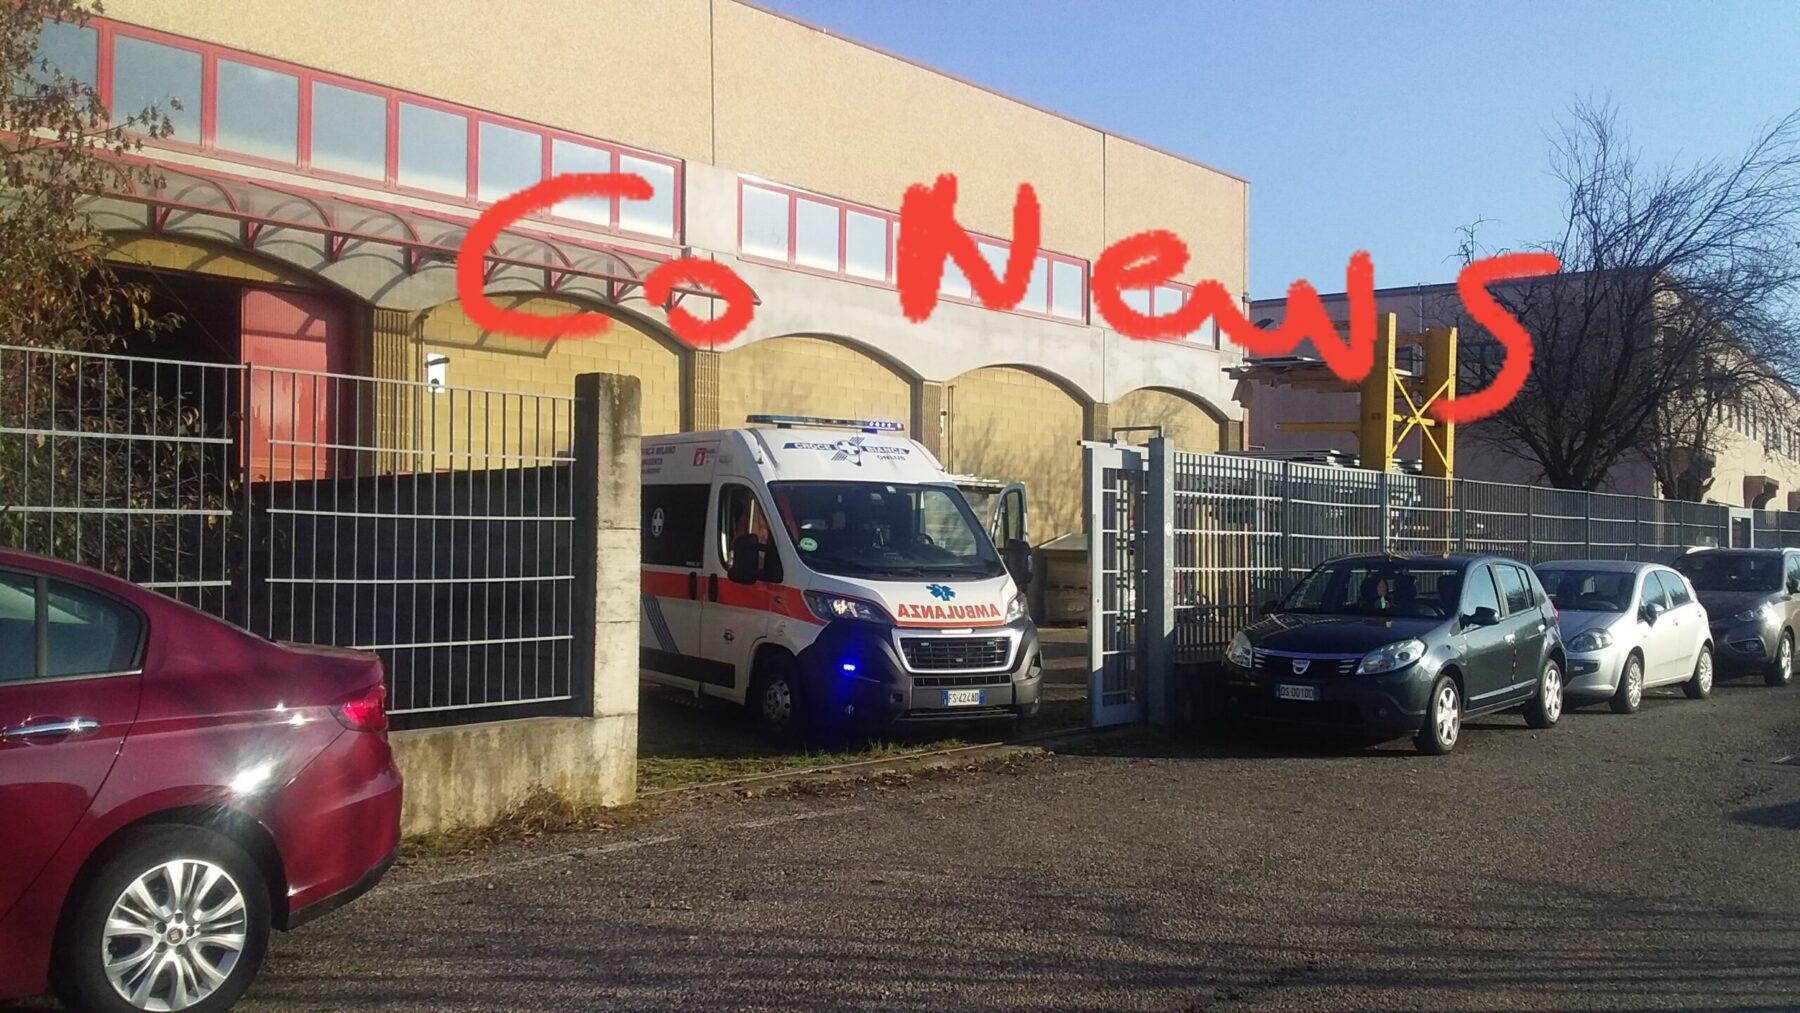 Corbetta - Infortunio nella zona industriale di Corbetta 19/11/2020